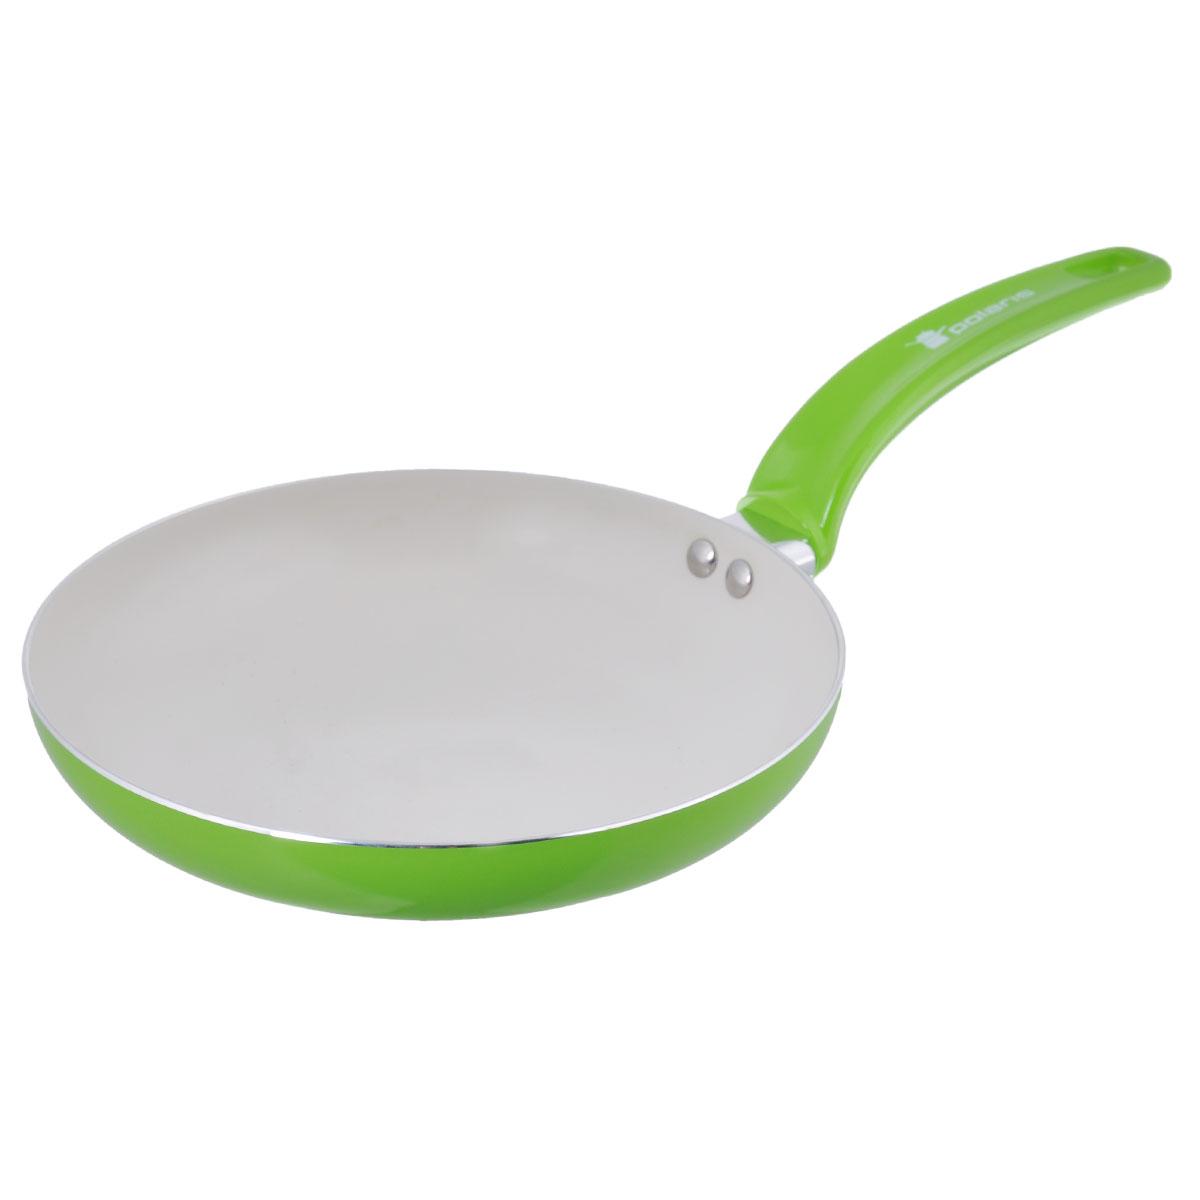 Сковорода Polaris Rainbow, с керамическим покрытием, цвет: салатовый. Диаметр 28 смRain-28FСковорода Polaris Rainbow изготовлена из штампованного алюминия толщиной 2,5 мм с керамическим антипригарным покрытием. Данное покрытие является абсолютно экологичным и не содержит вредных веществ, таких как PTFE и PFOA. Это позволяет готовить здоровую пищу с минимальным добавлением жира или подсолнечного масла. Сковорода быстро разогревается и распределяет тепло по всей поверхности. Сковорода оснащена удобной ручкой из бакелита. Изделие подходит для газовых, электрических, стеклокерамических плит. Не подходит для индукционных плит. Сковороду можно мыть в посудомоечной машине. Не использовать в СВЧ-печах. Высота стенки: 5 см. Толщина стенки: 2,5 мм. Толщина дна: 2,5 мм. Длина ручки: 18 см.